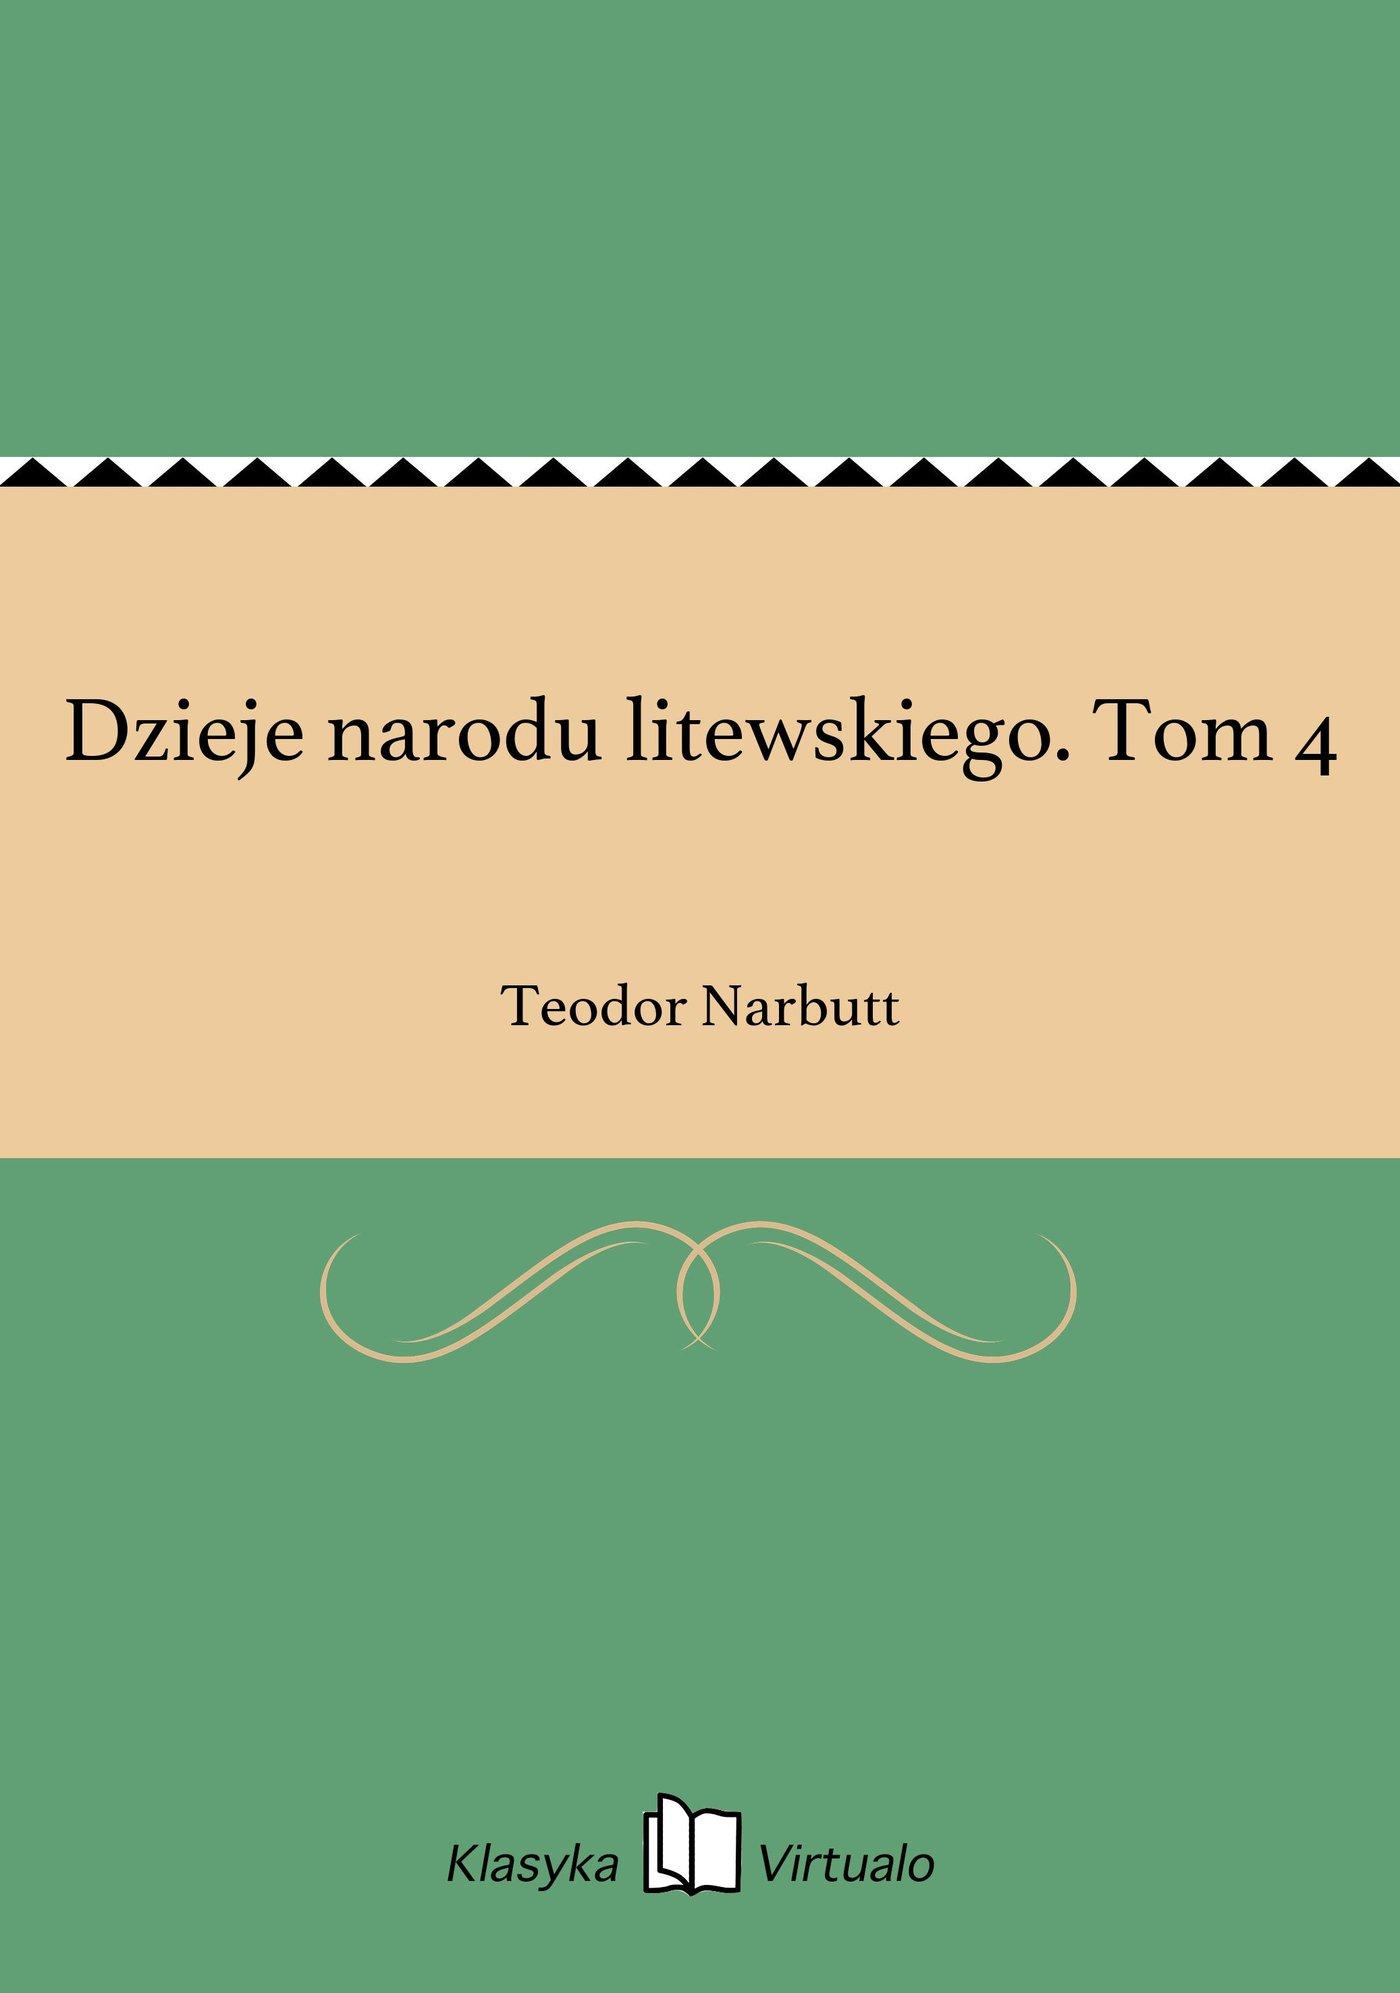 Dzieje narodu litewskiego. Tom 4 - Ebook (Książka na Kindle) do pobrania w formacie MOBI